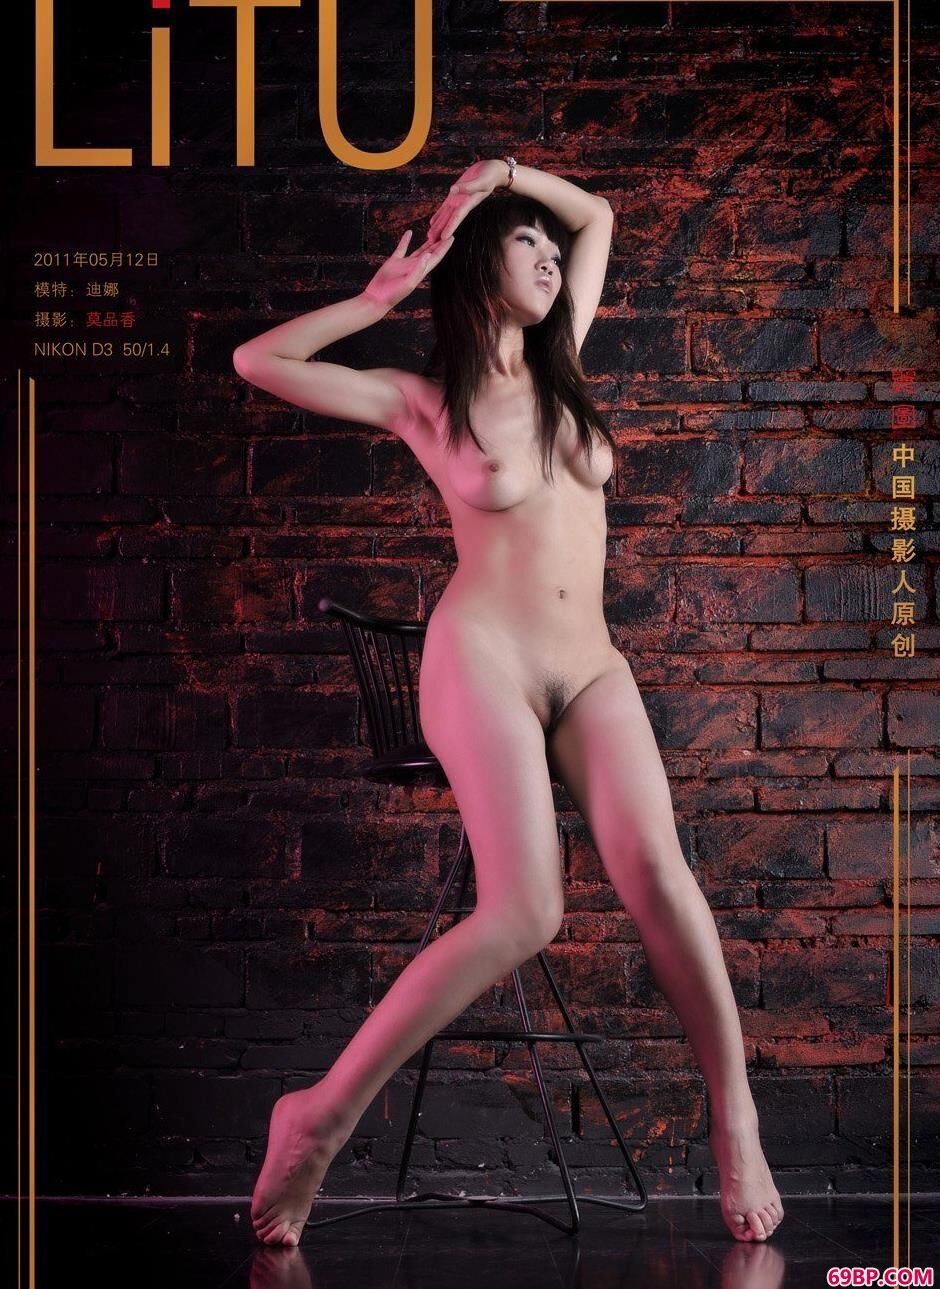 裸模迪娜地下室内的丰腴人体